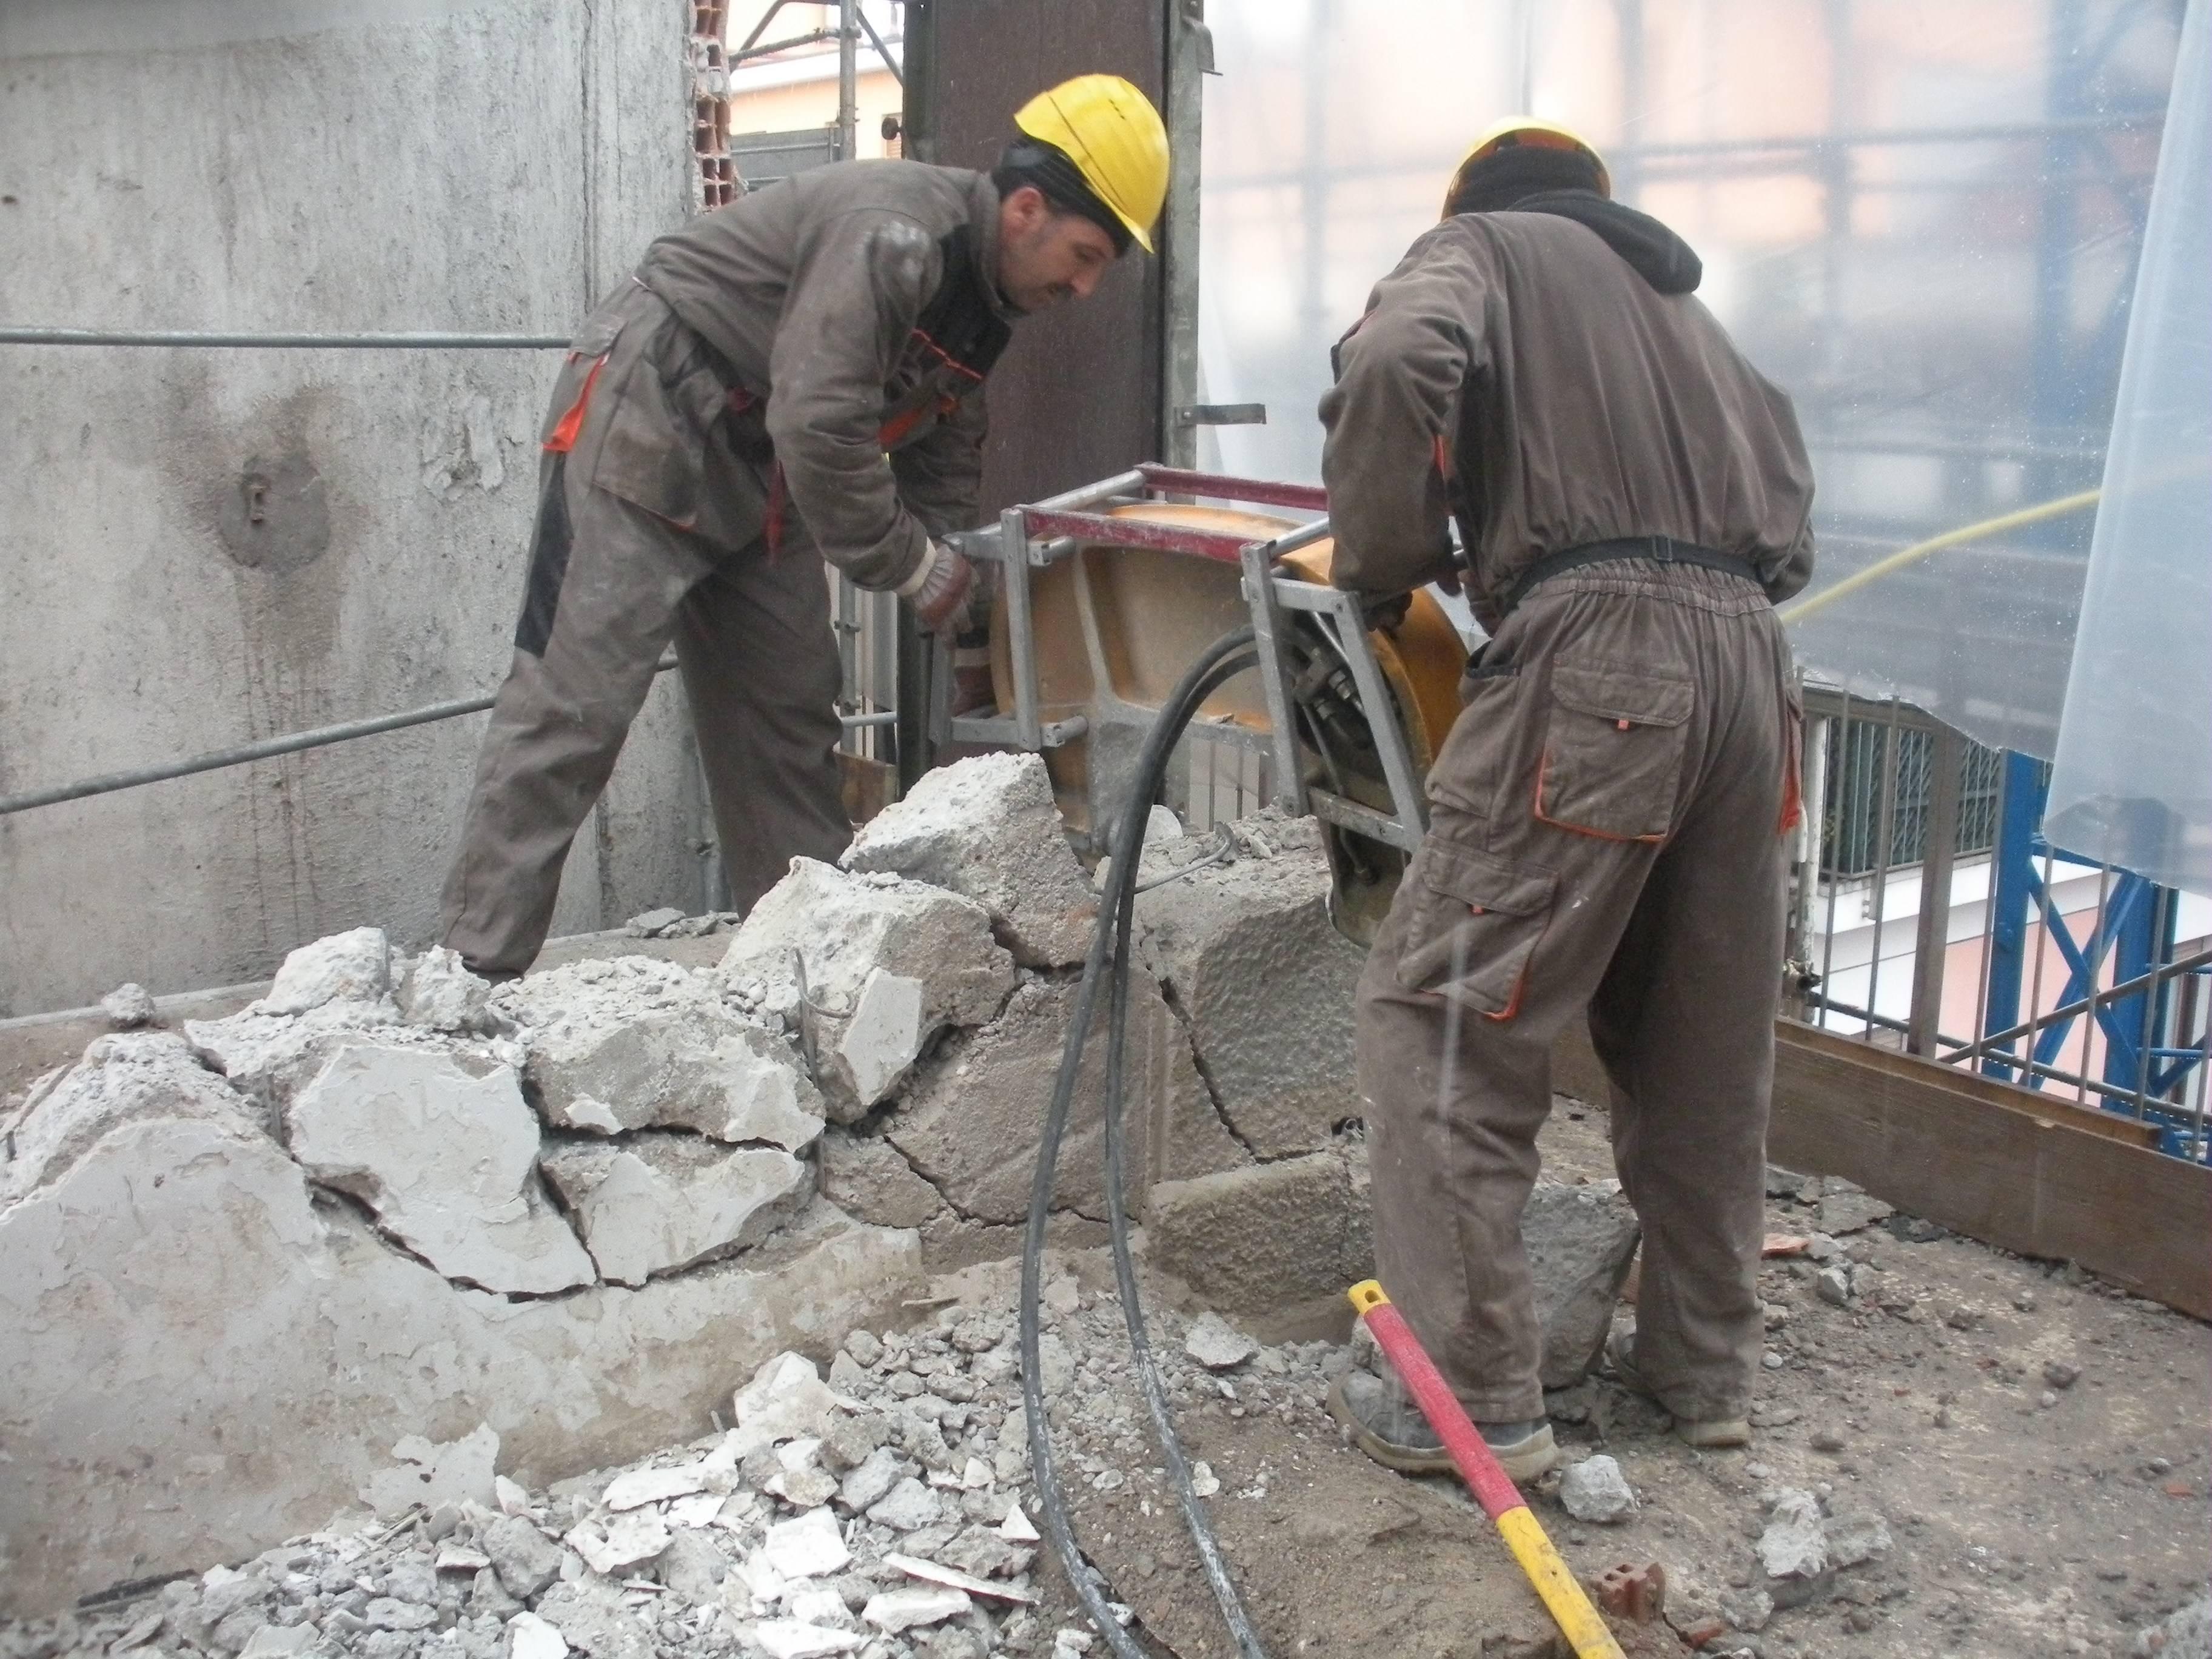 Frantumazione con pinza idraulica manuale per la demolizione controllata